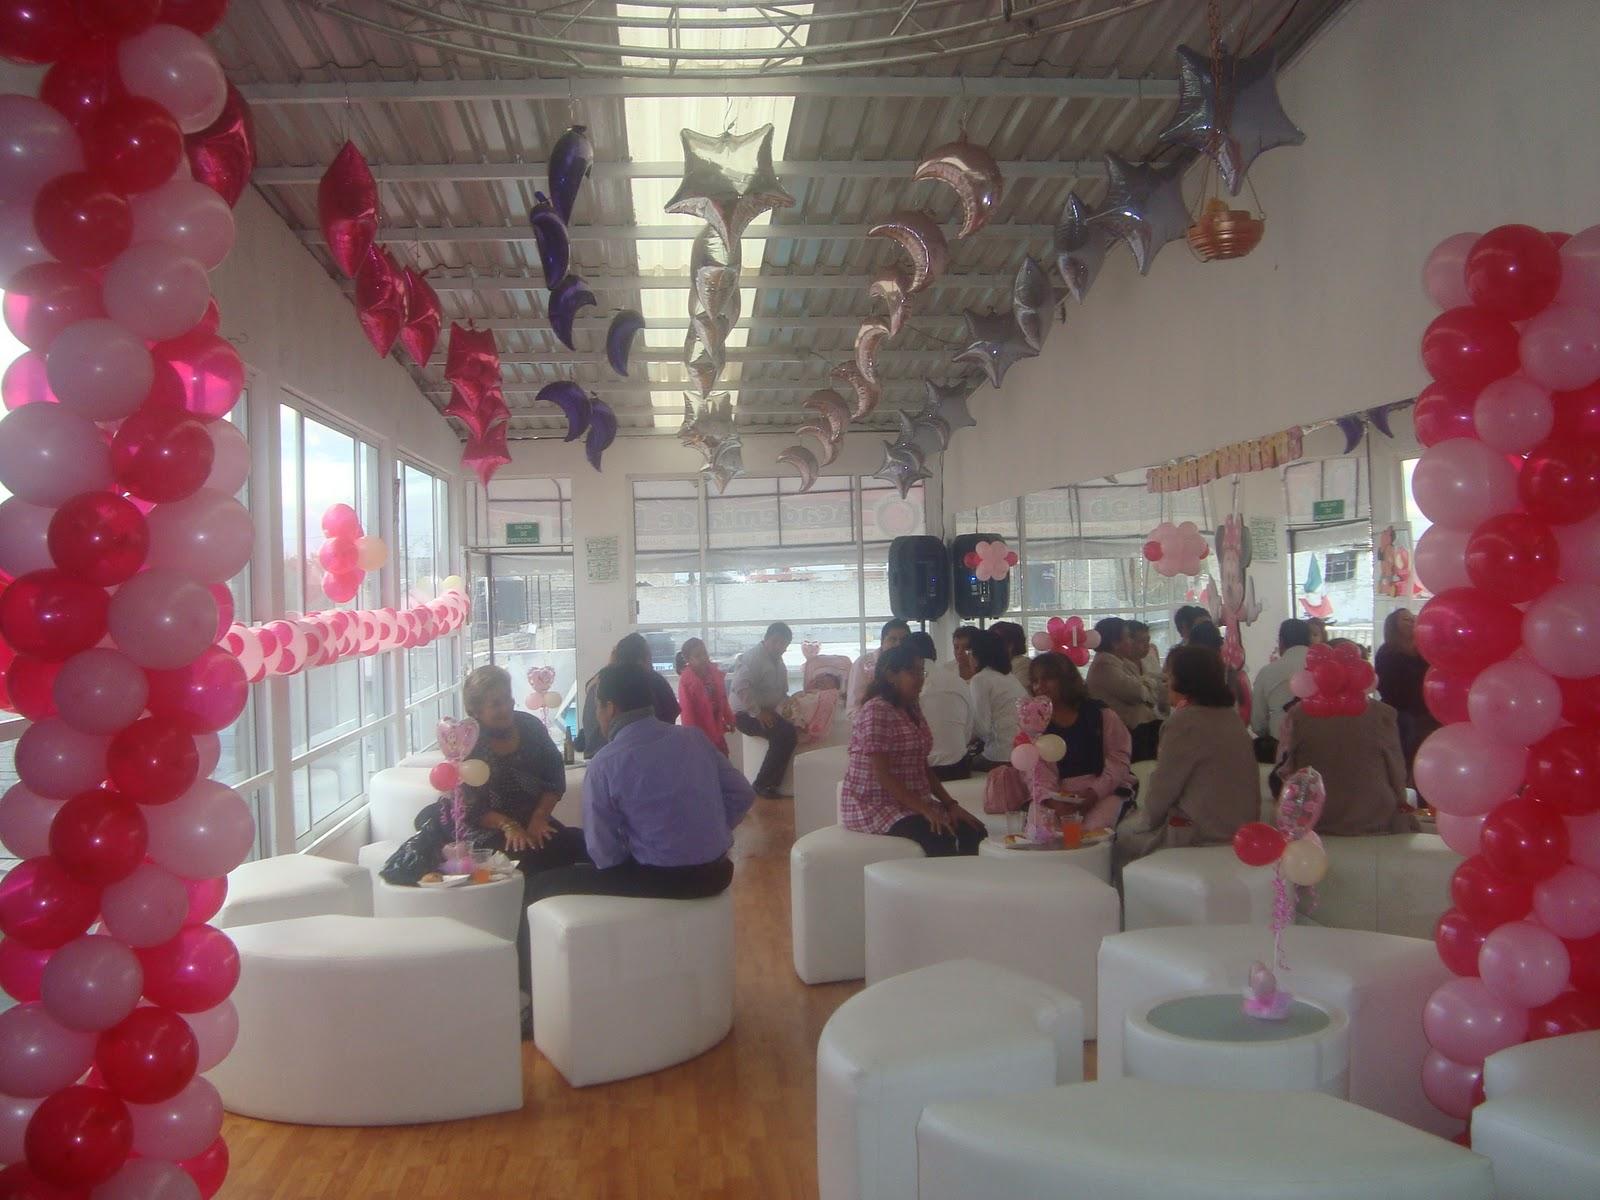 Decoraciones infantiles decoracion en baby shower ni a for Decoracion baby shower nina